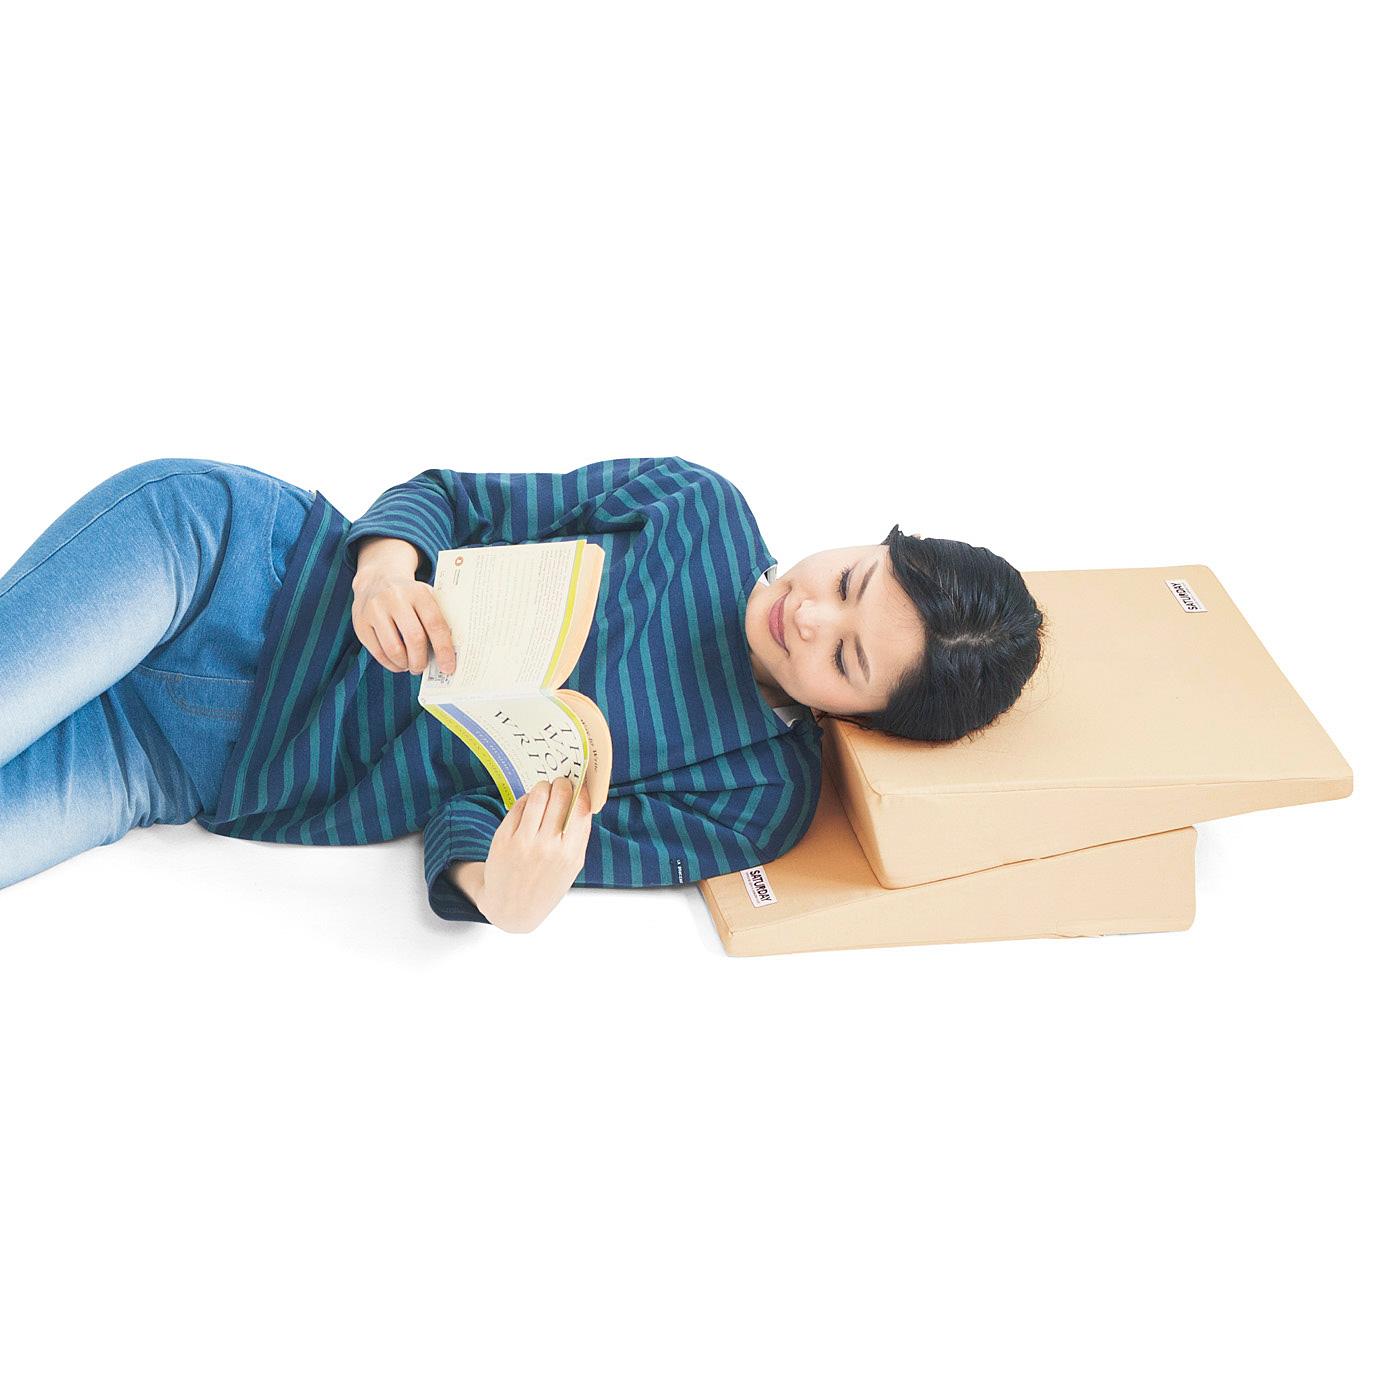 寝転んでテレビを観たり、読書をする時にもお役立ち。